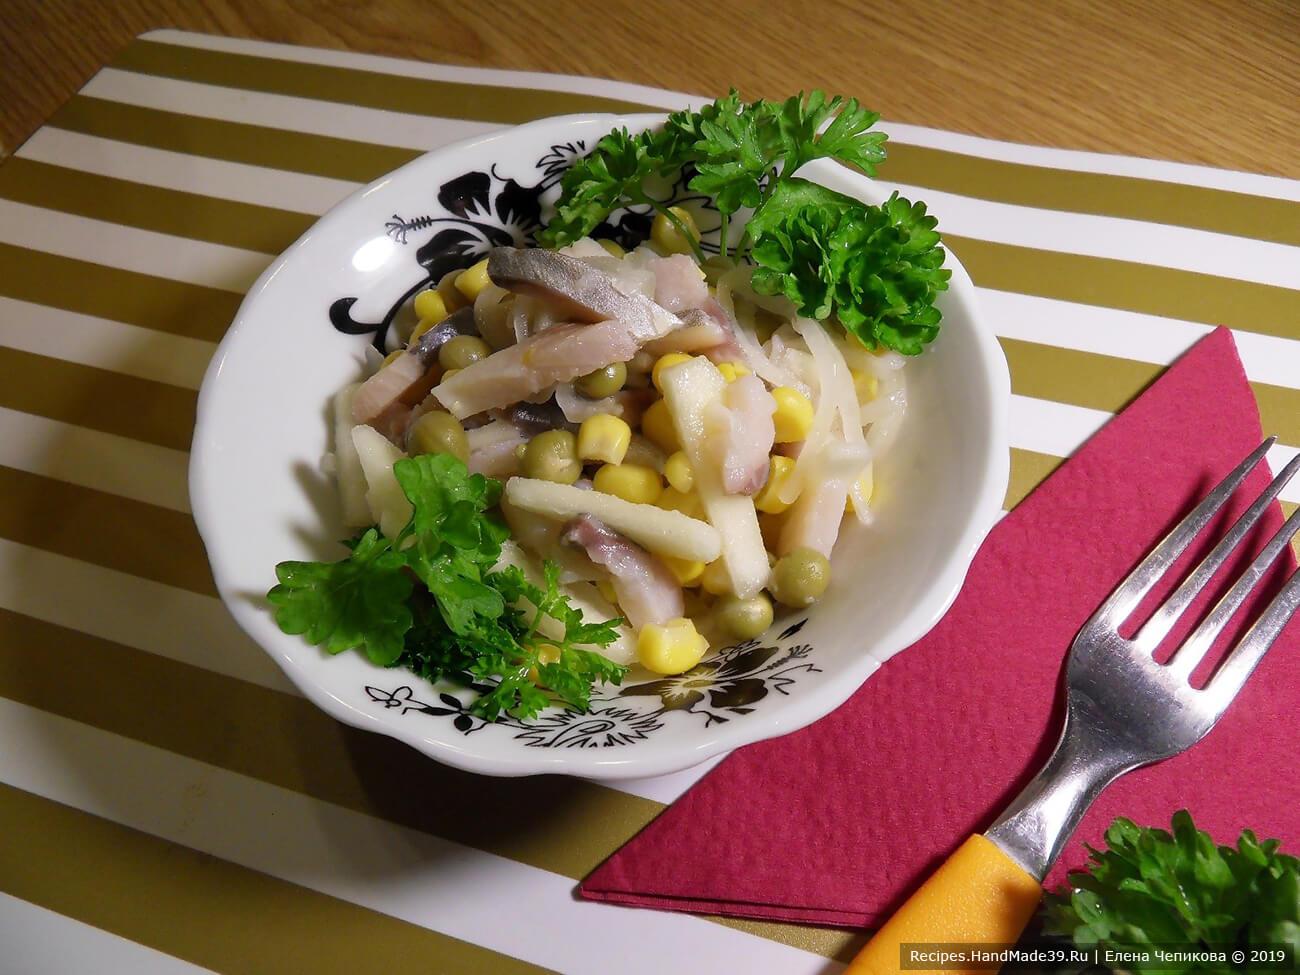 Добавить к салату маринованную яблочно-луковую смесь. Посолить, полить оливковым маслом. По желанию украсить зеленью. Приятного аппетита!